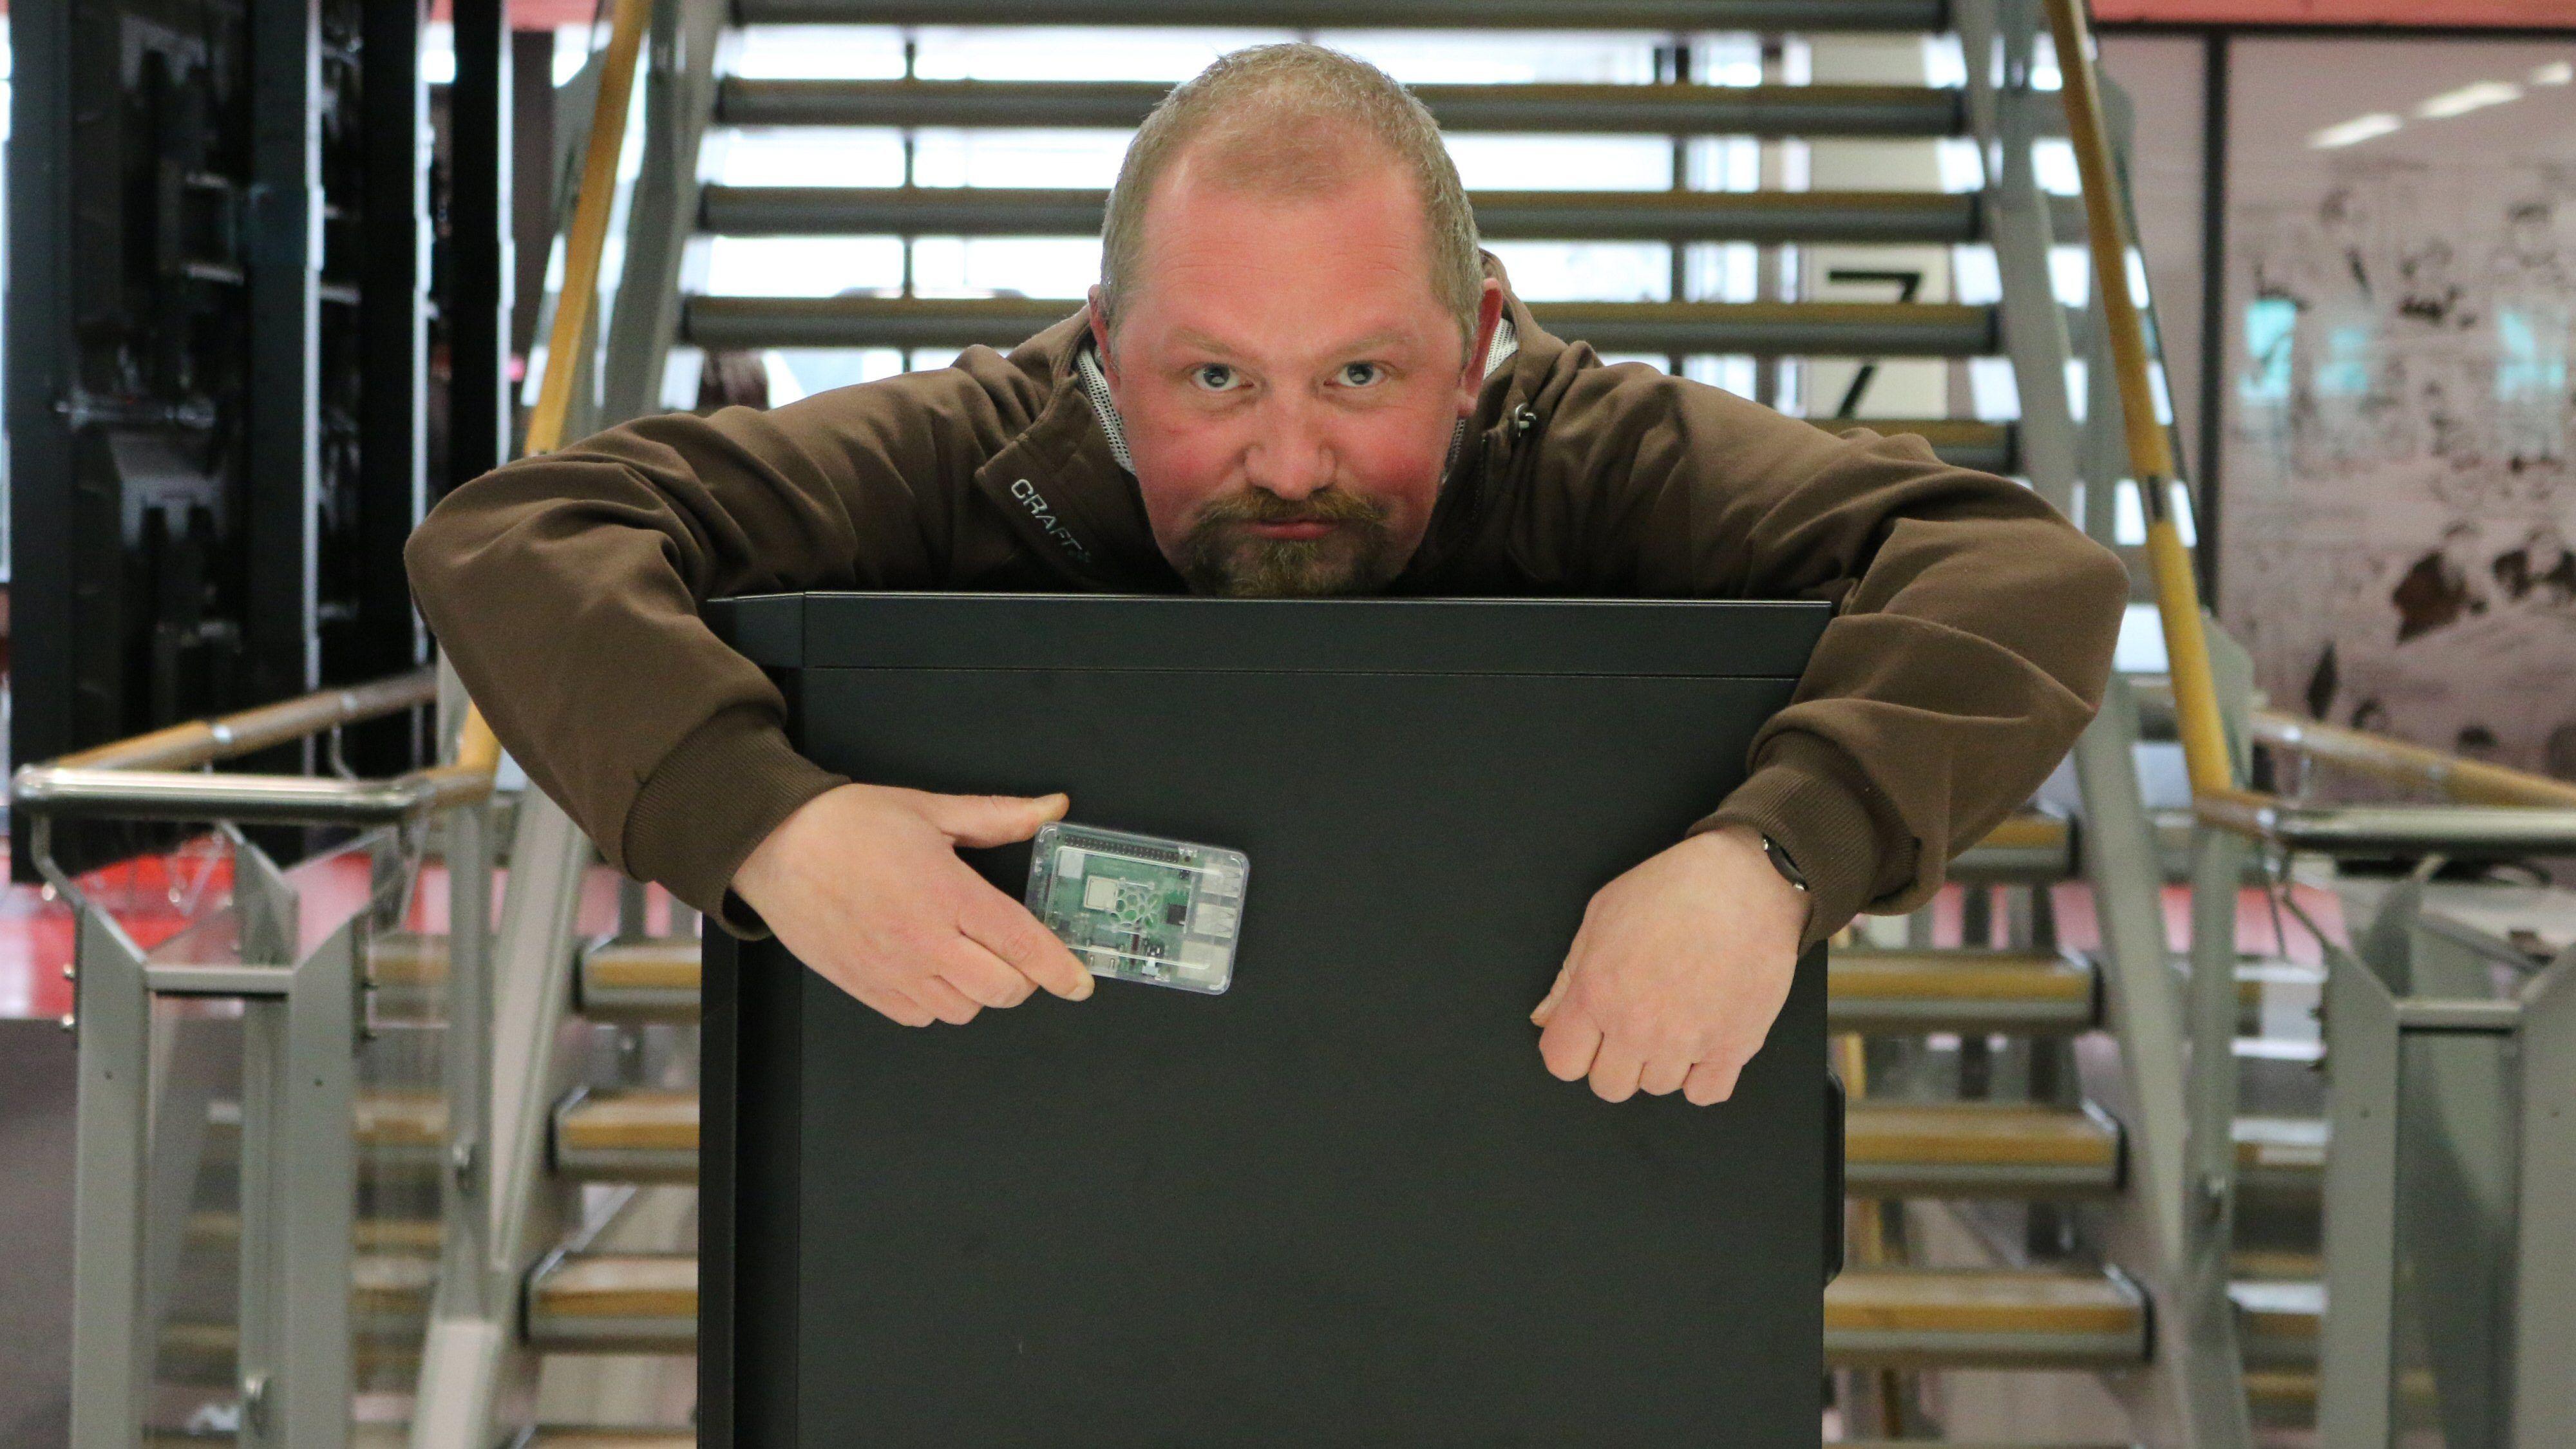 Hjelp, jeg bytter ut min stasjonære PC med en Raspberry Pi